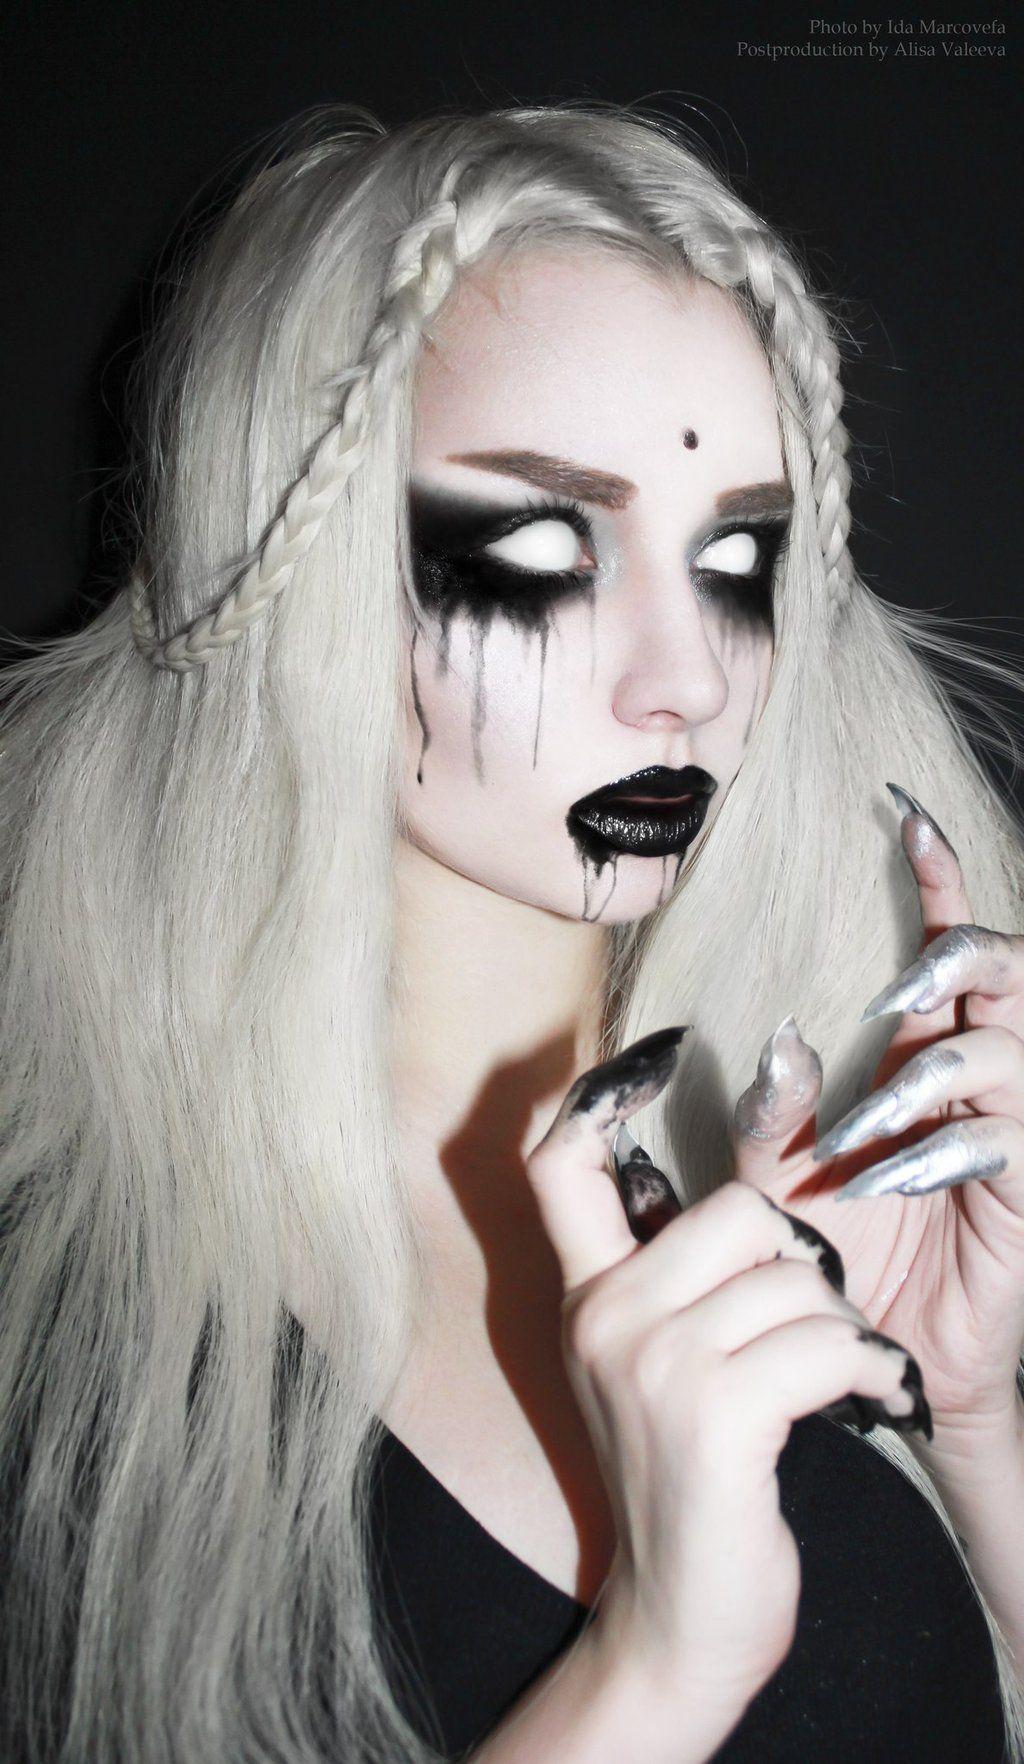 Épinglé sur maquillage allowwen